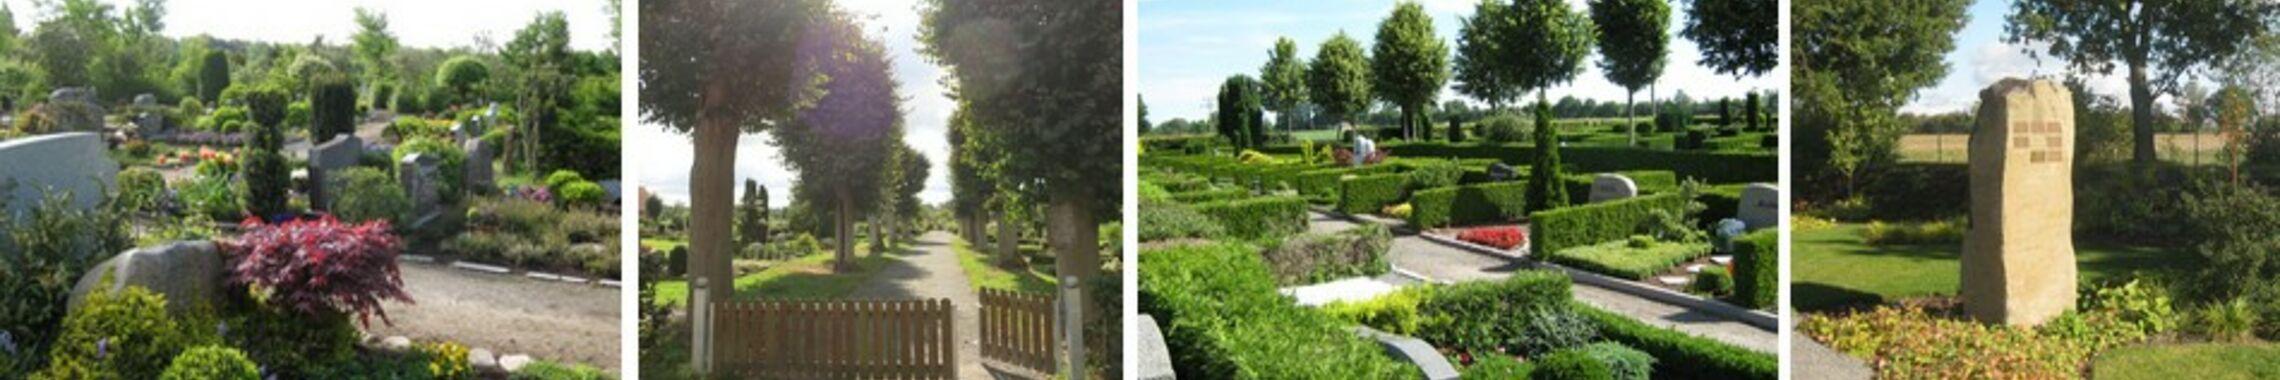 Friedhof Meinerdingen Gesamt2